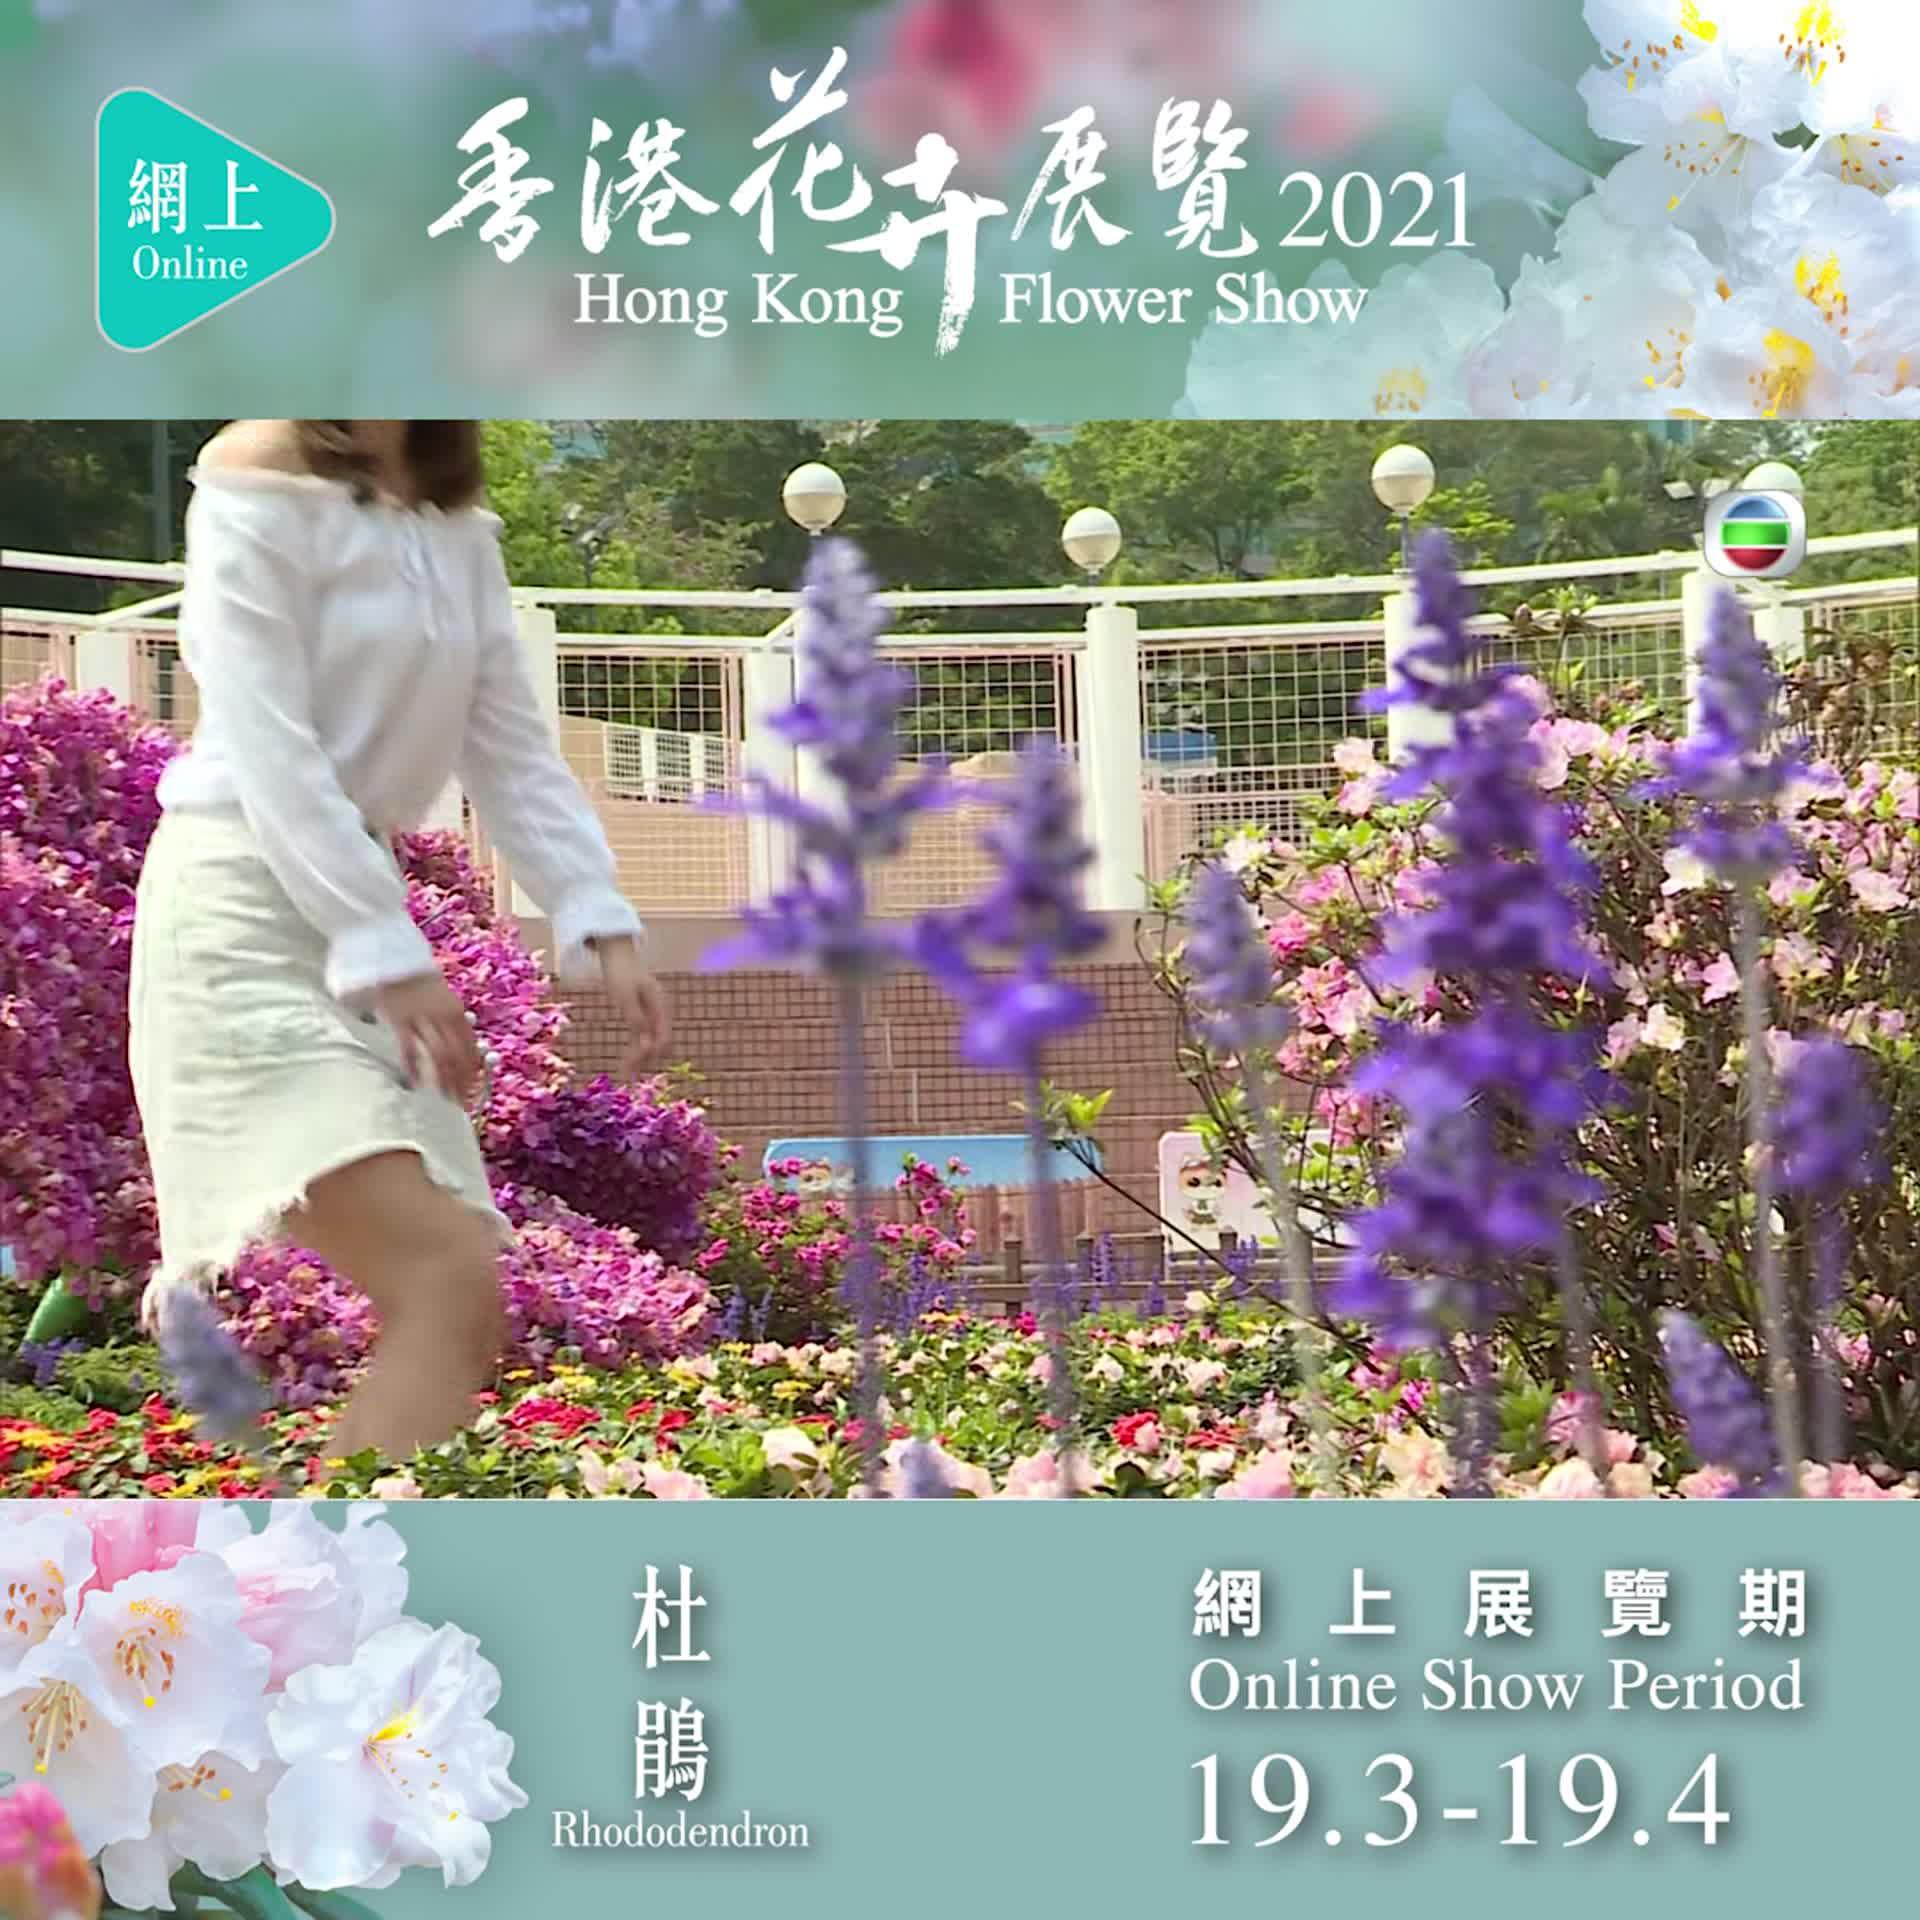 【東張西望】360度賞遍十八區花圃